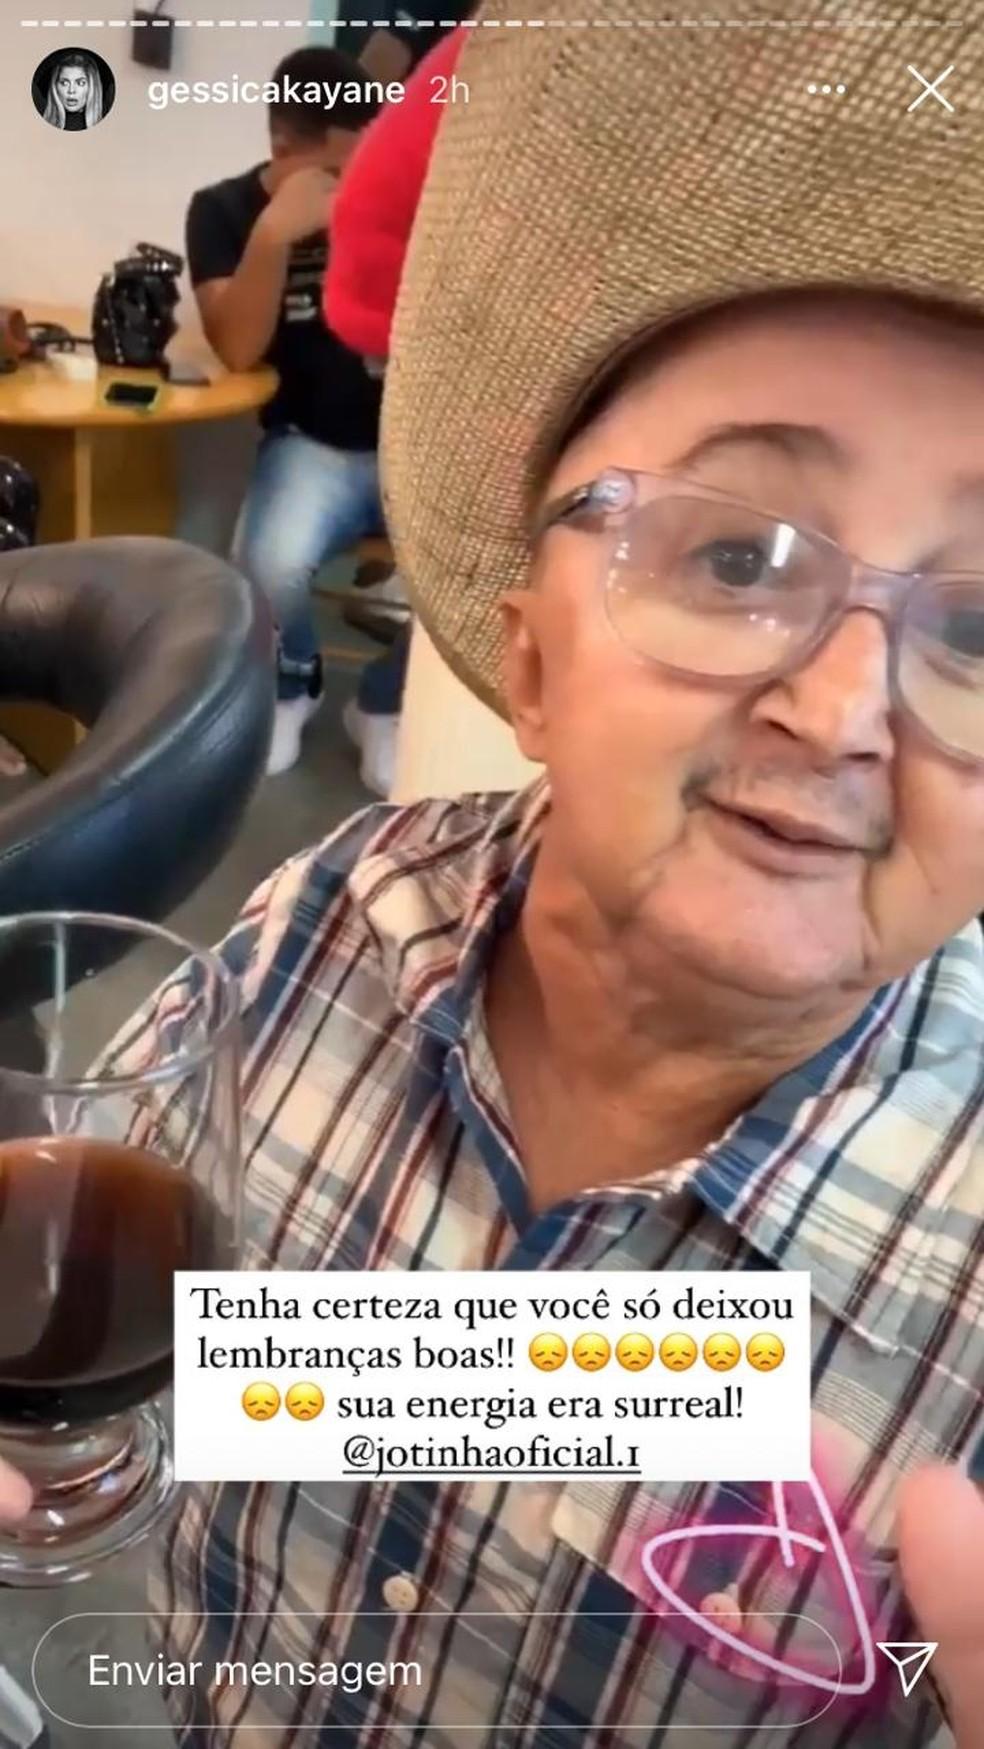 Gkay fez stories lamentando a morte de Jotinha  — Foto: Reprodução/Redes sociais